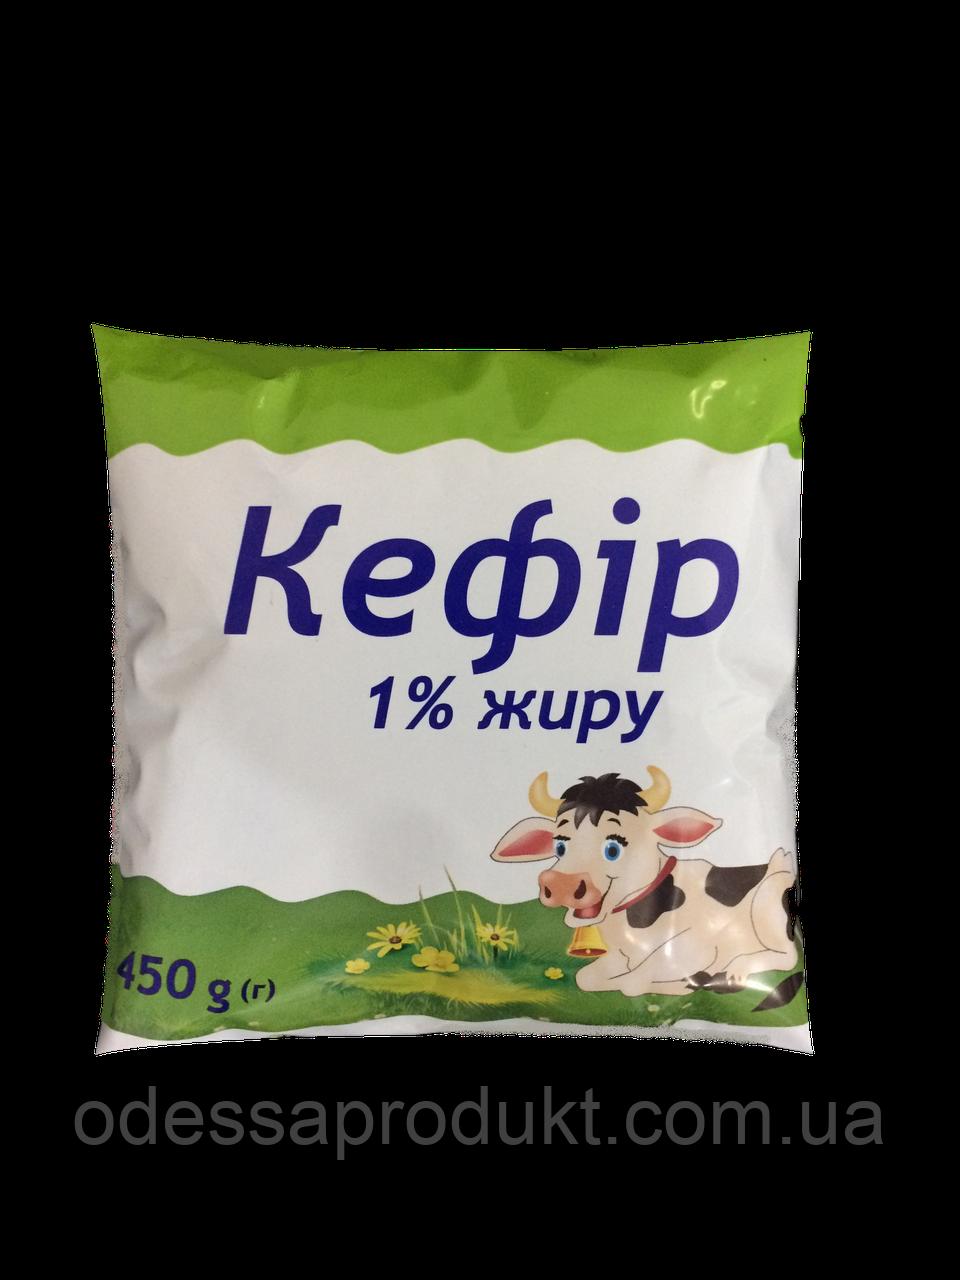 Кефір 1%, 450 гр